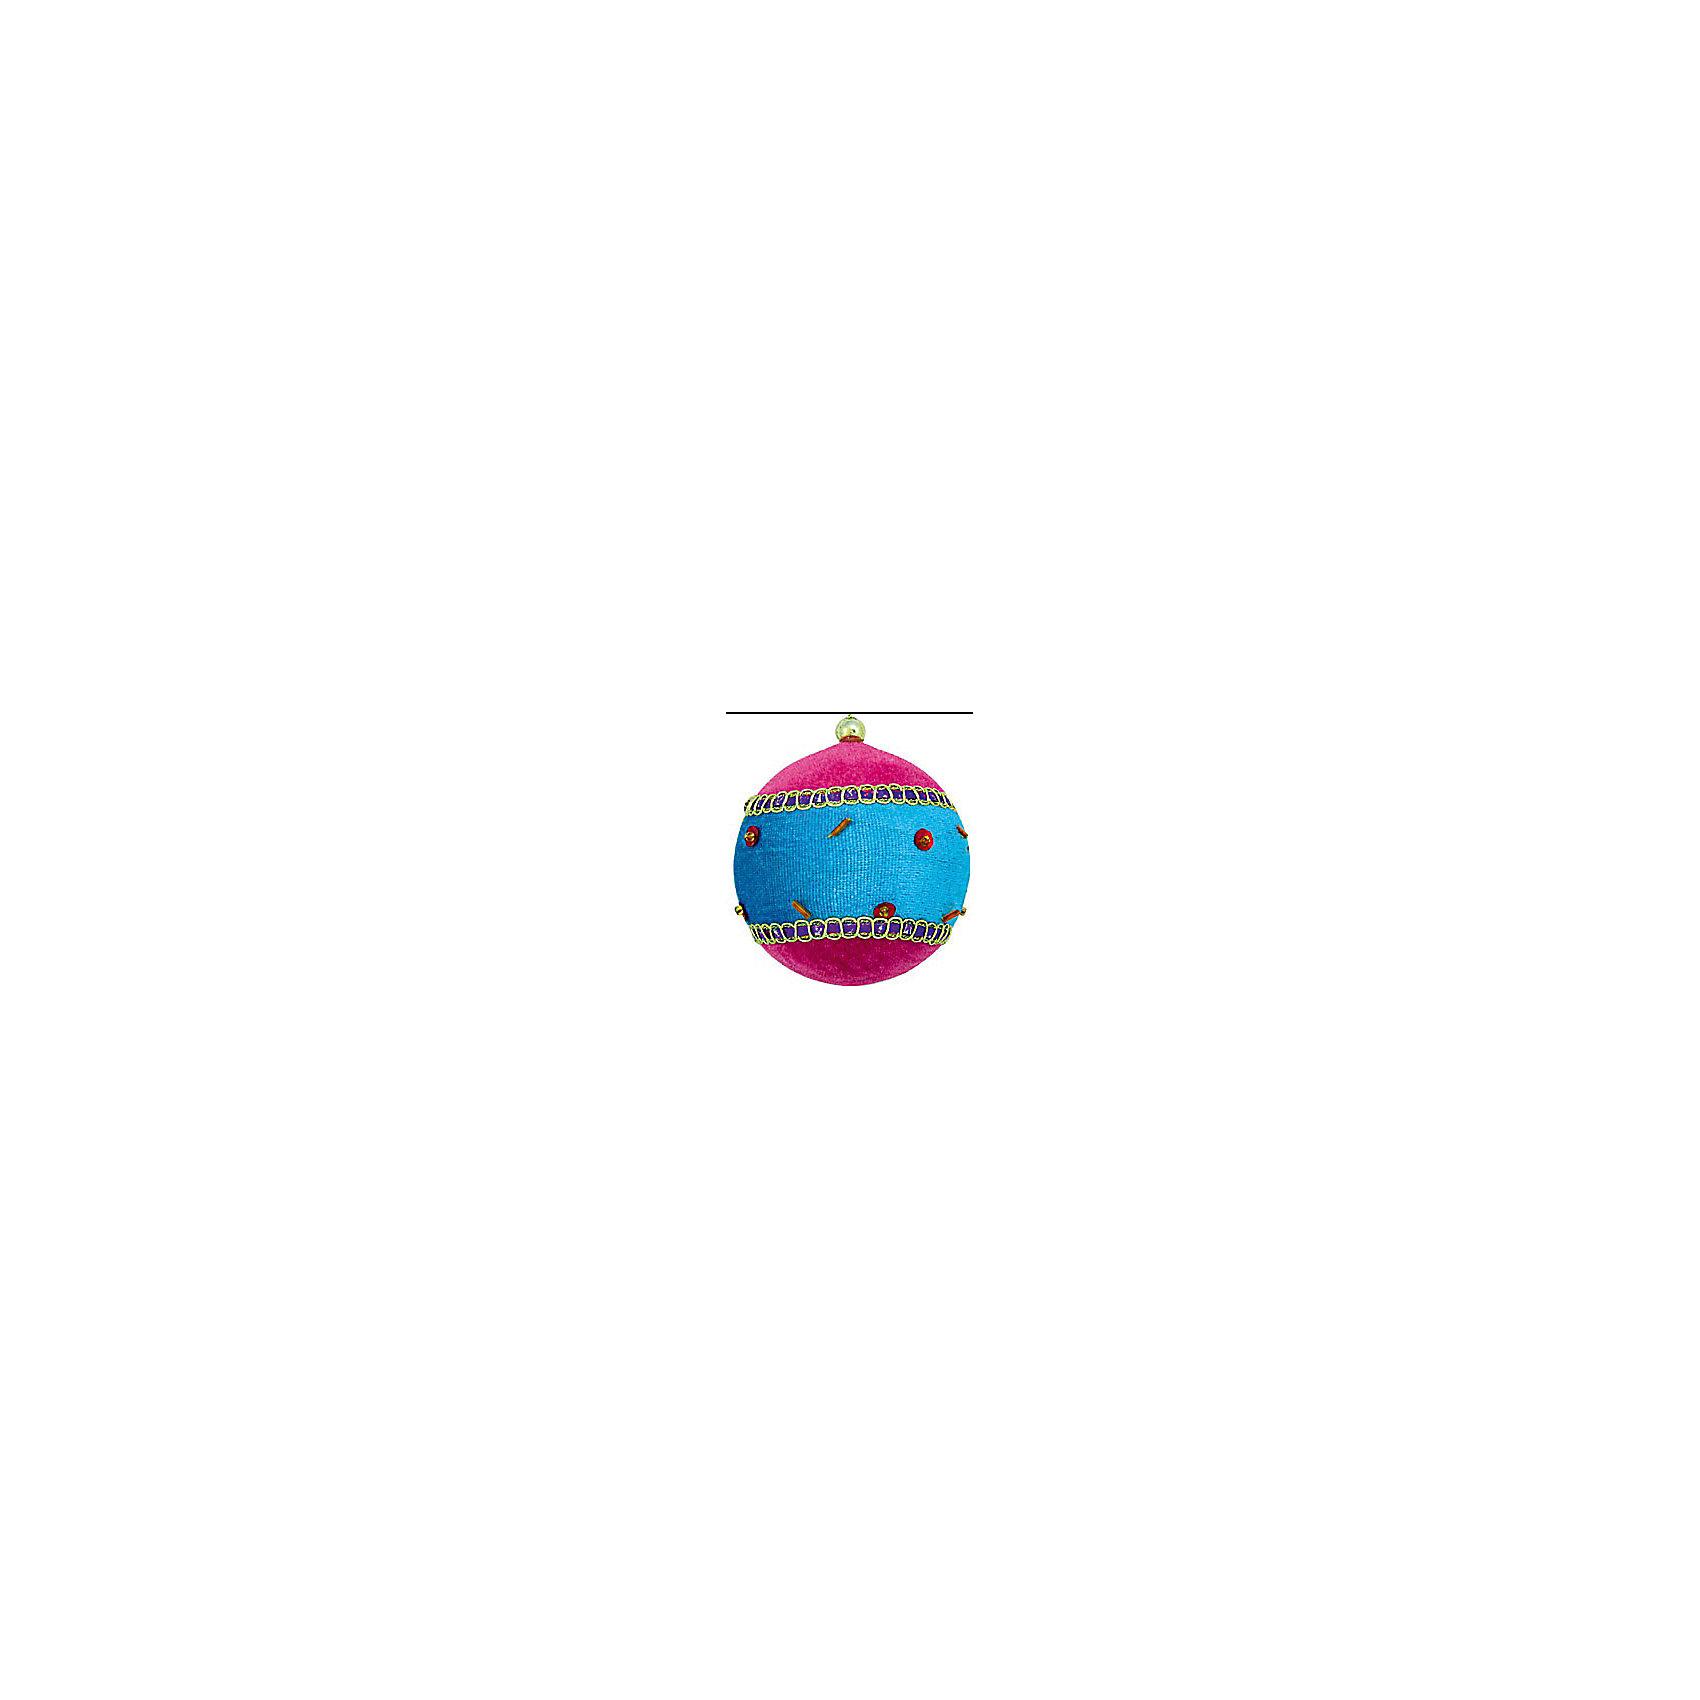 Marko Ferenzo Украшение шар Детский флок, 9 см, розовый и лазурь